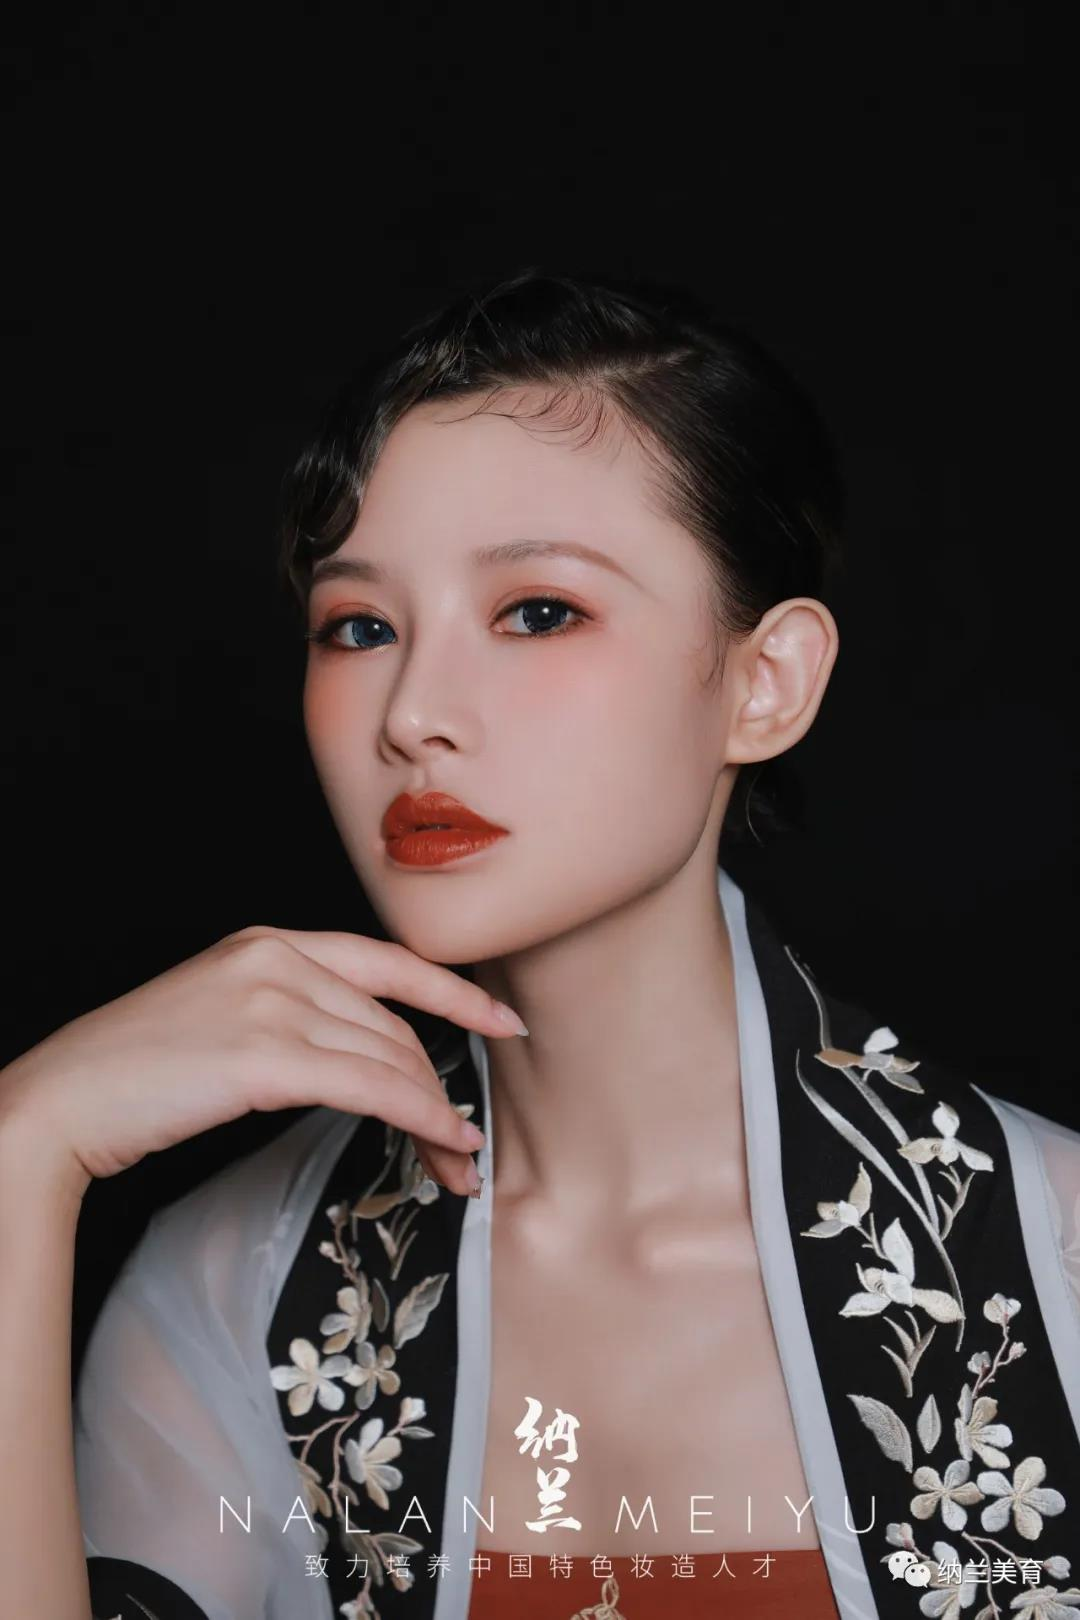 【汉服妆容】短发汉服妆容,汉服造型图片欣赏